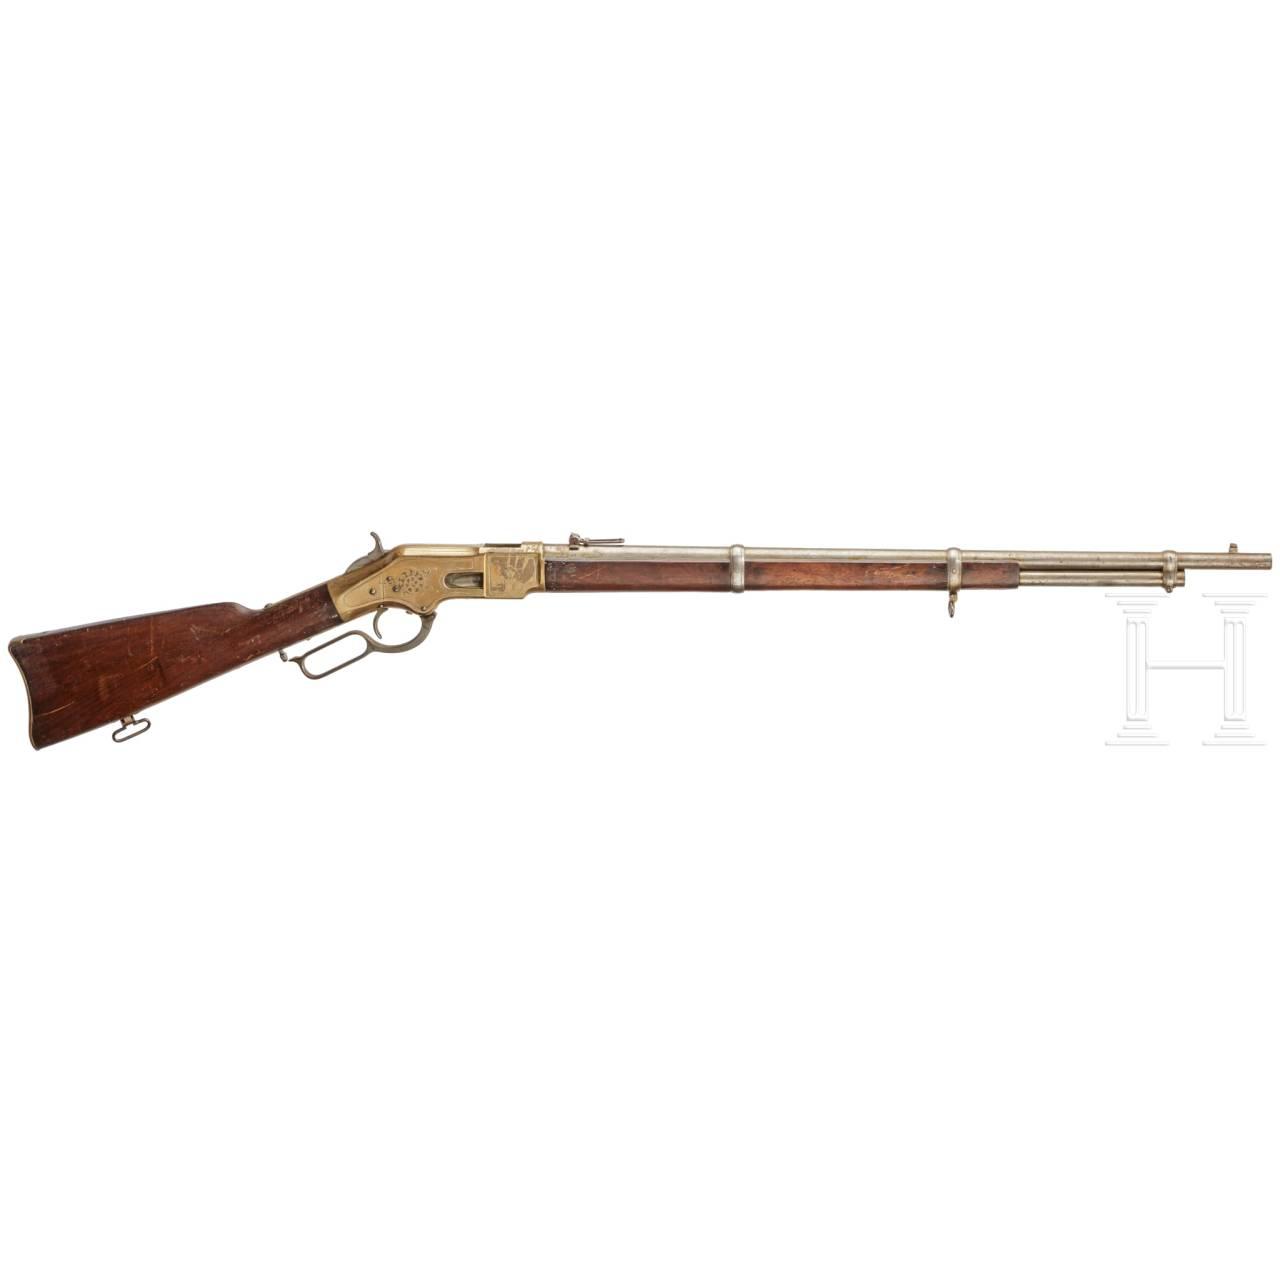 Unterhebelrepetierbüchse Winchester Mod. 1866 Musket, graviert, USA, gefertigt 1870